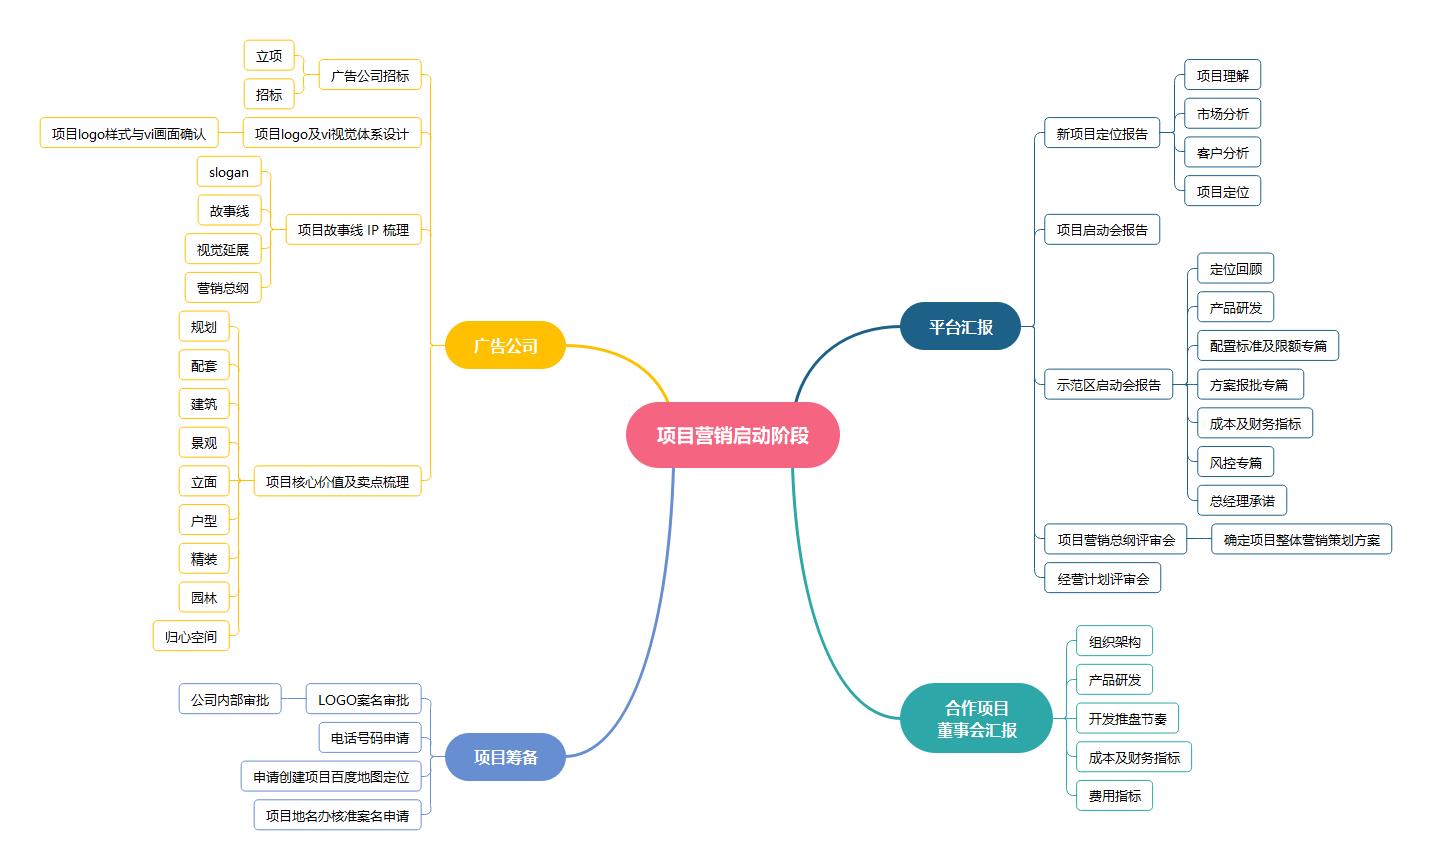 项目营销模板图